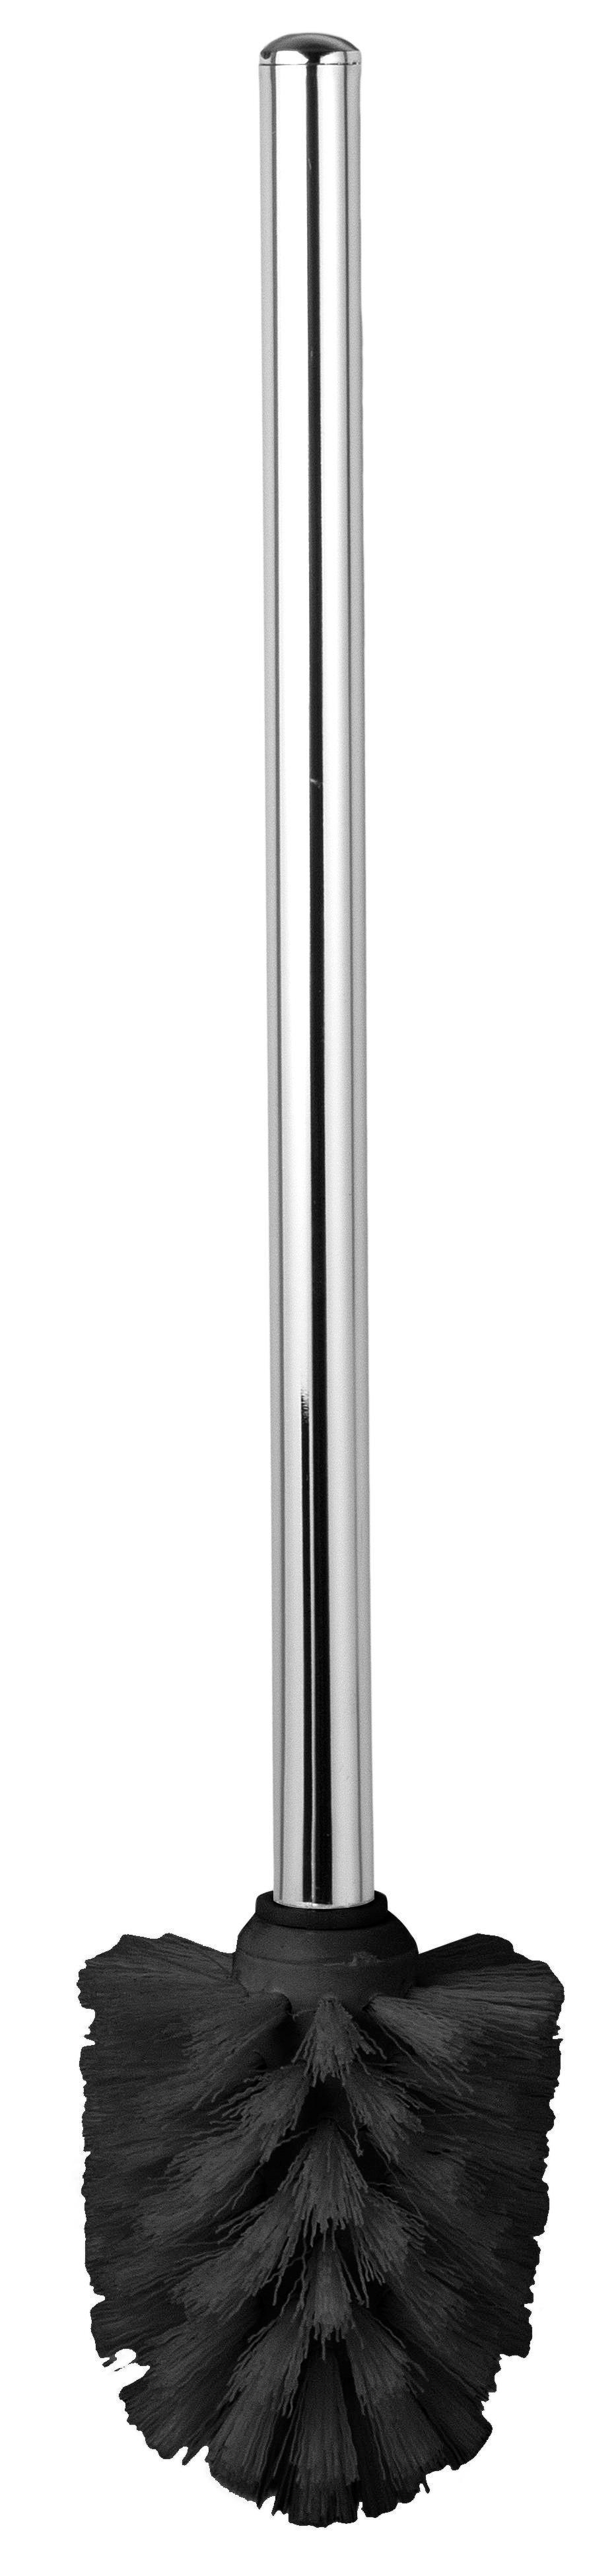 Ersatzbürste Taris in Schwarz aus Metall - Chromfarben, Kunststoff/Metall (7/38/7cm) - MÖMAX modern living